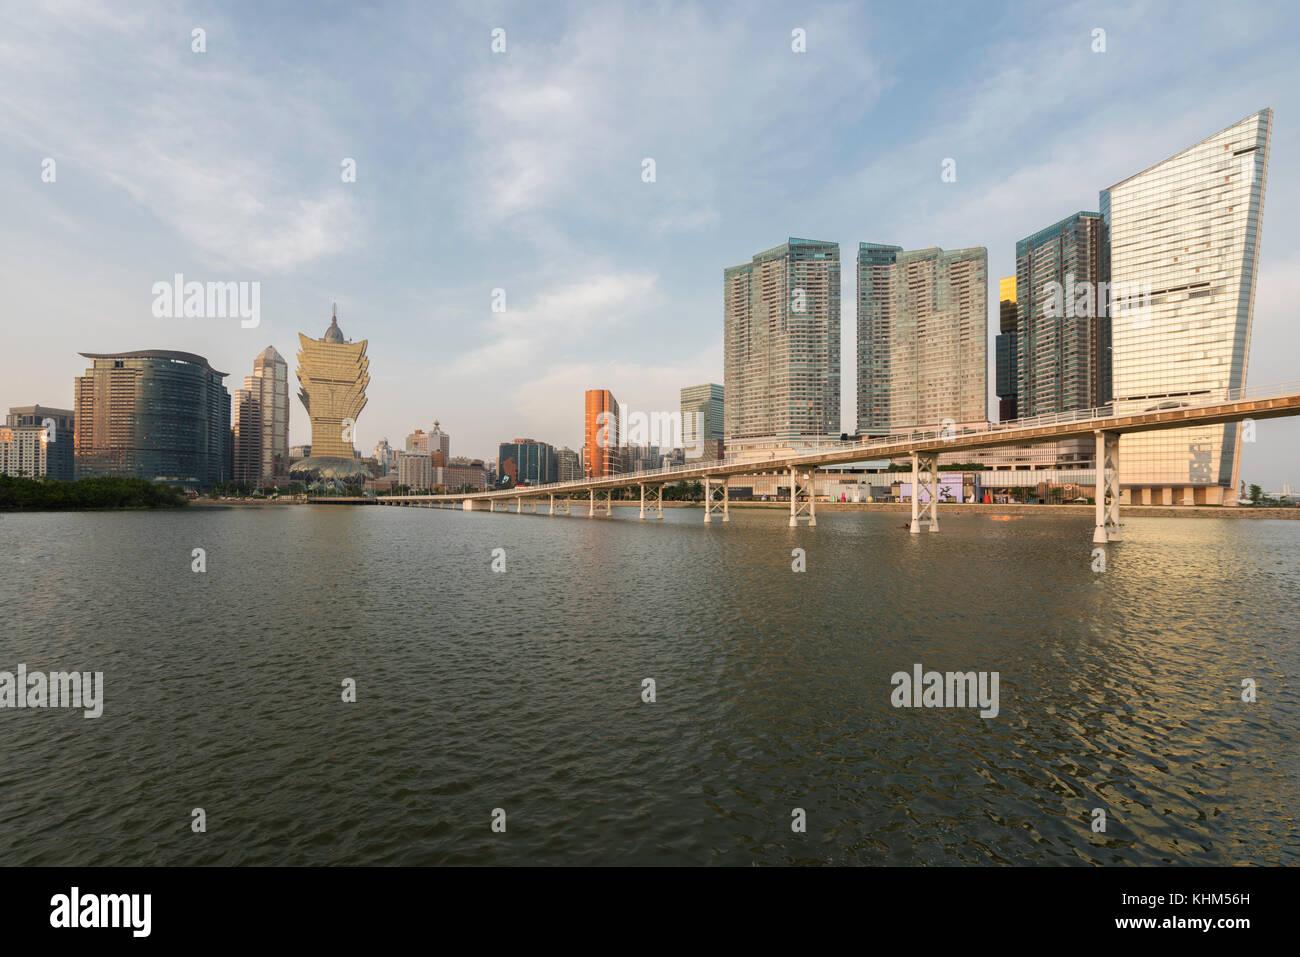 Imagen de Macao (Macao), China. rascacielos Hotel and Casino es un edificio en el centro de Macau (Macao). Imagen De Stock